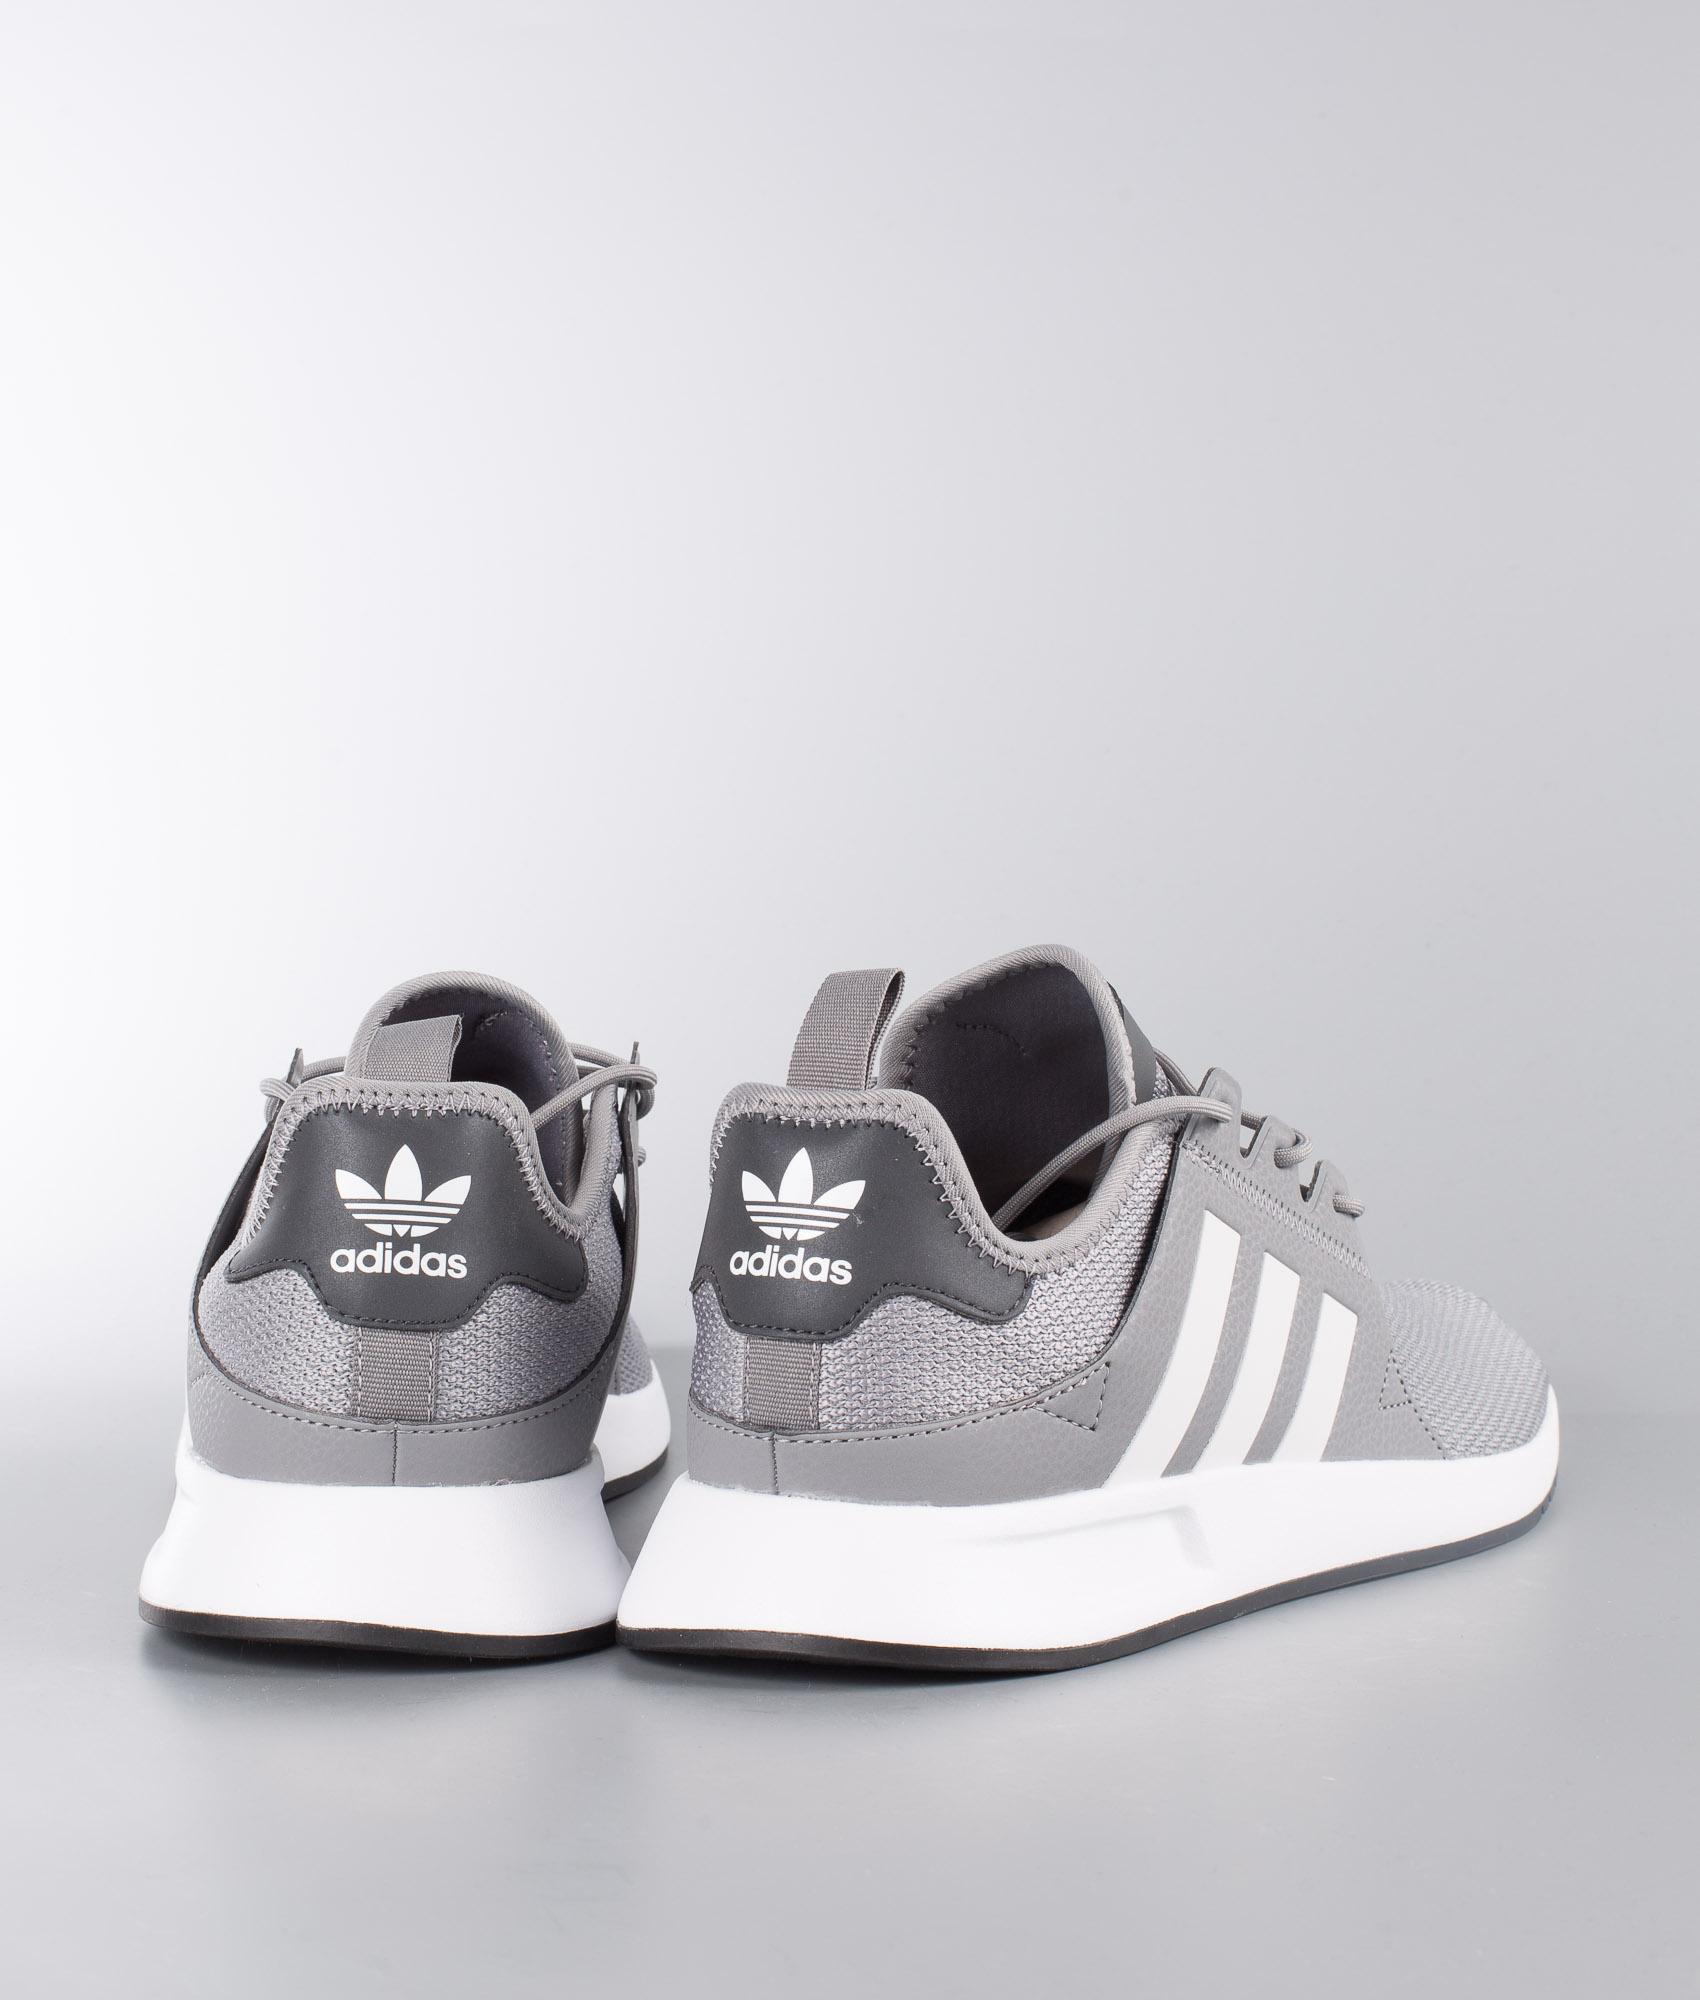 Originals Threefootwear X Adidas Schuhe Grey Whitecarbon plr f7gyYvb6